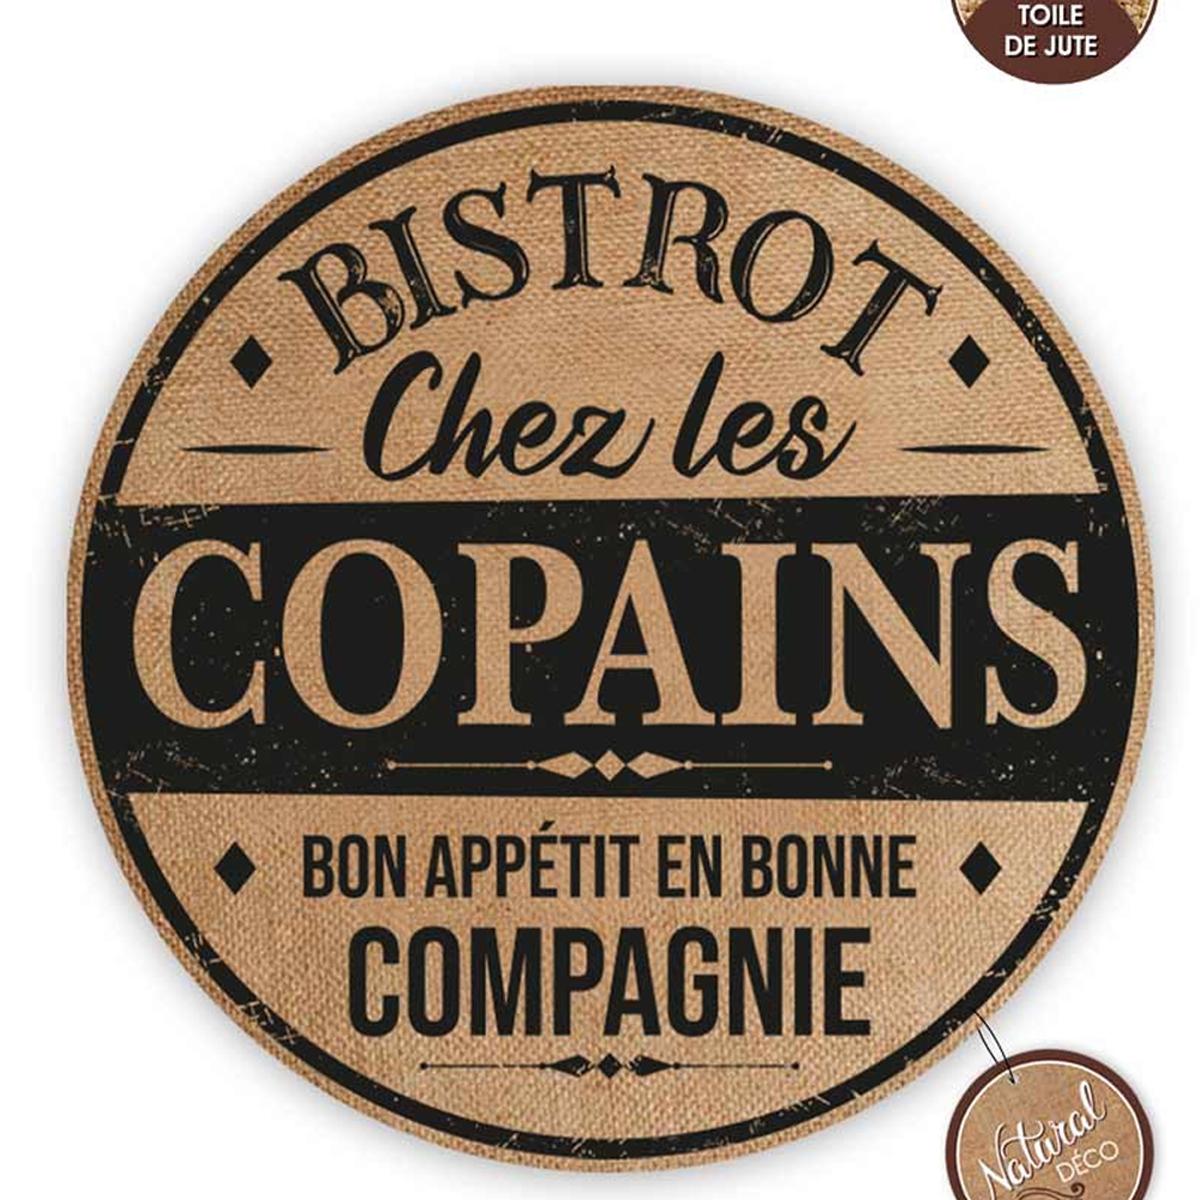 Set de table toile de jute \'Bistrot Chez les Copains\' beige noir - 38 cm - [A0664]